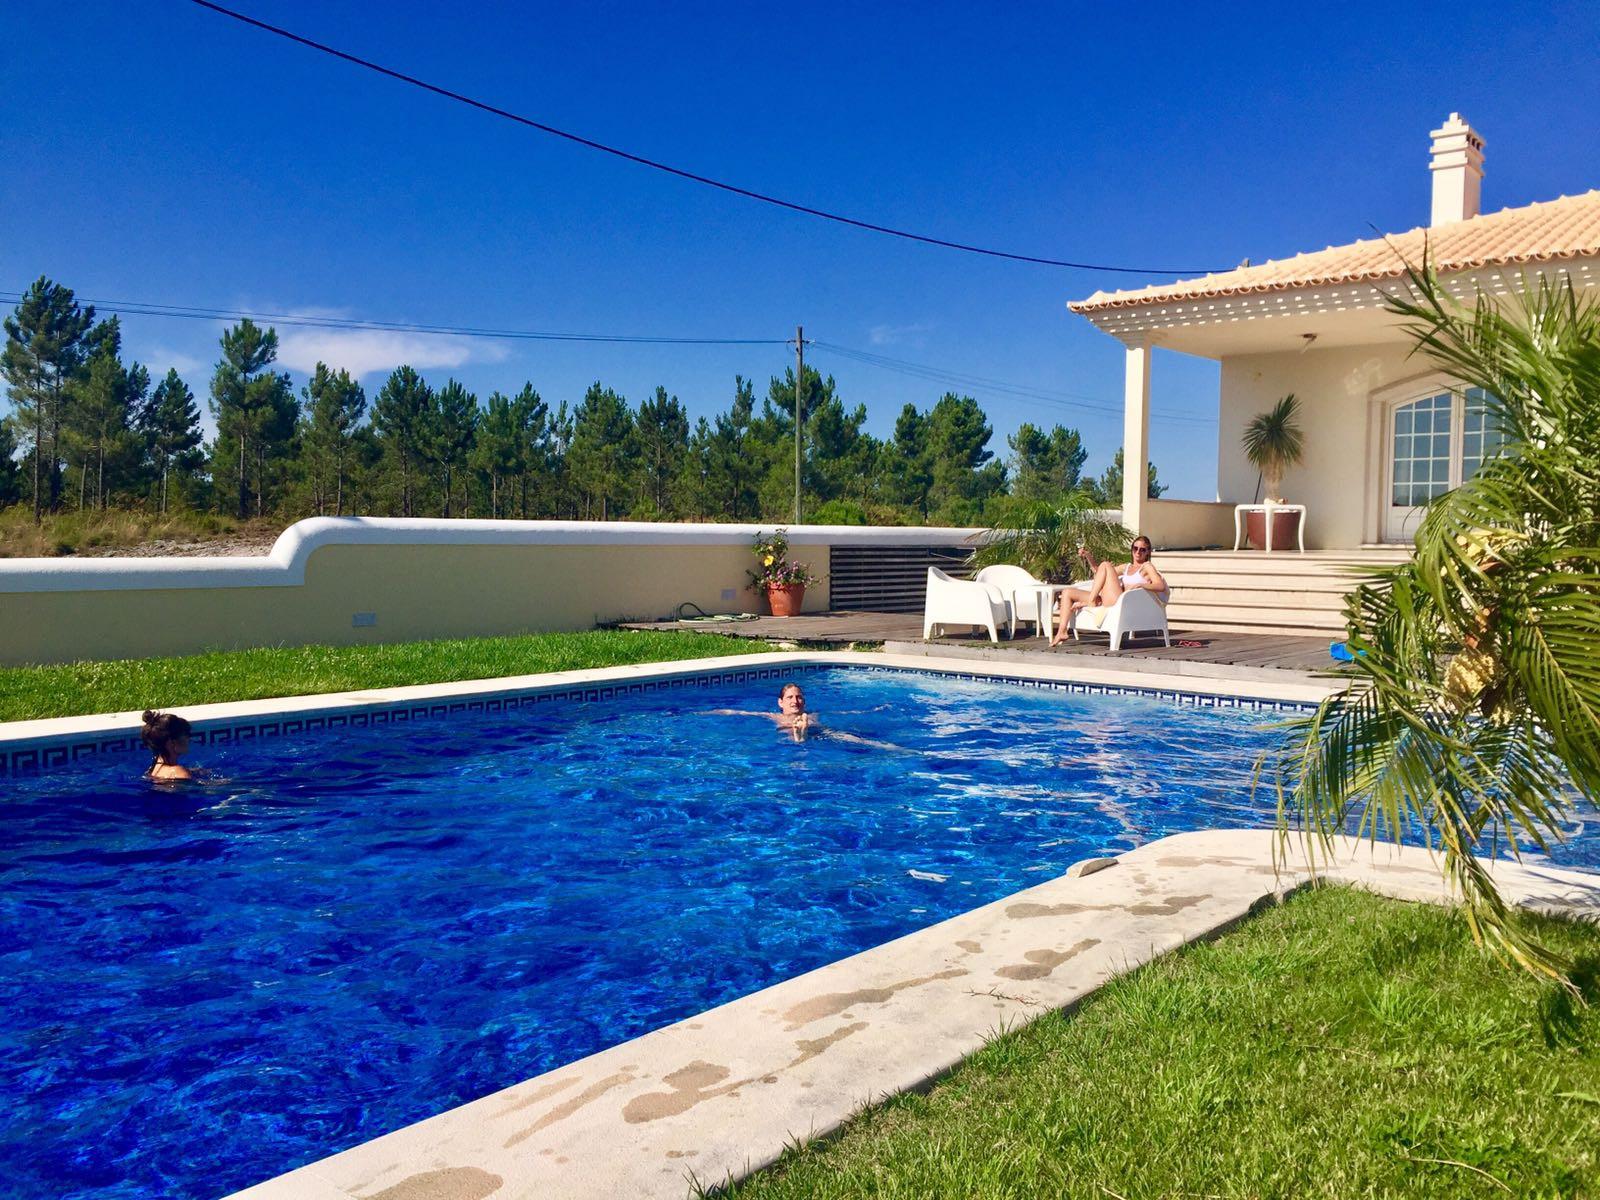 Pool Afternoon